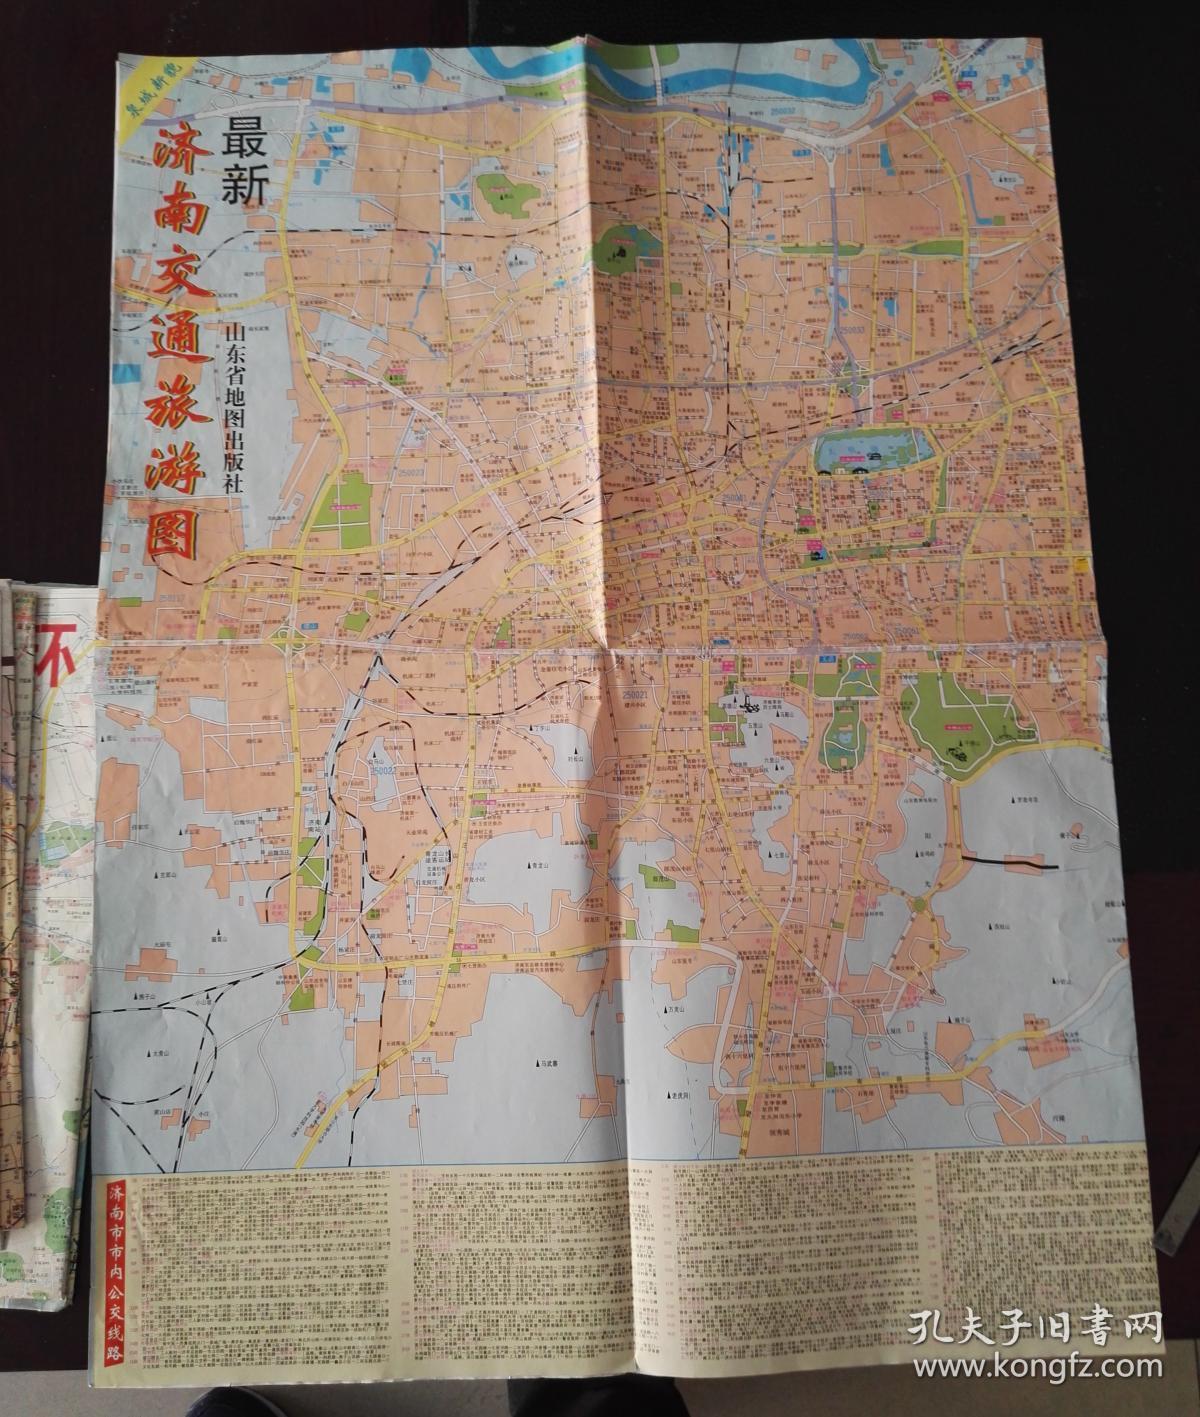 山西省交通图 106*75厘米